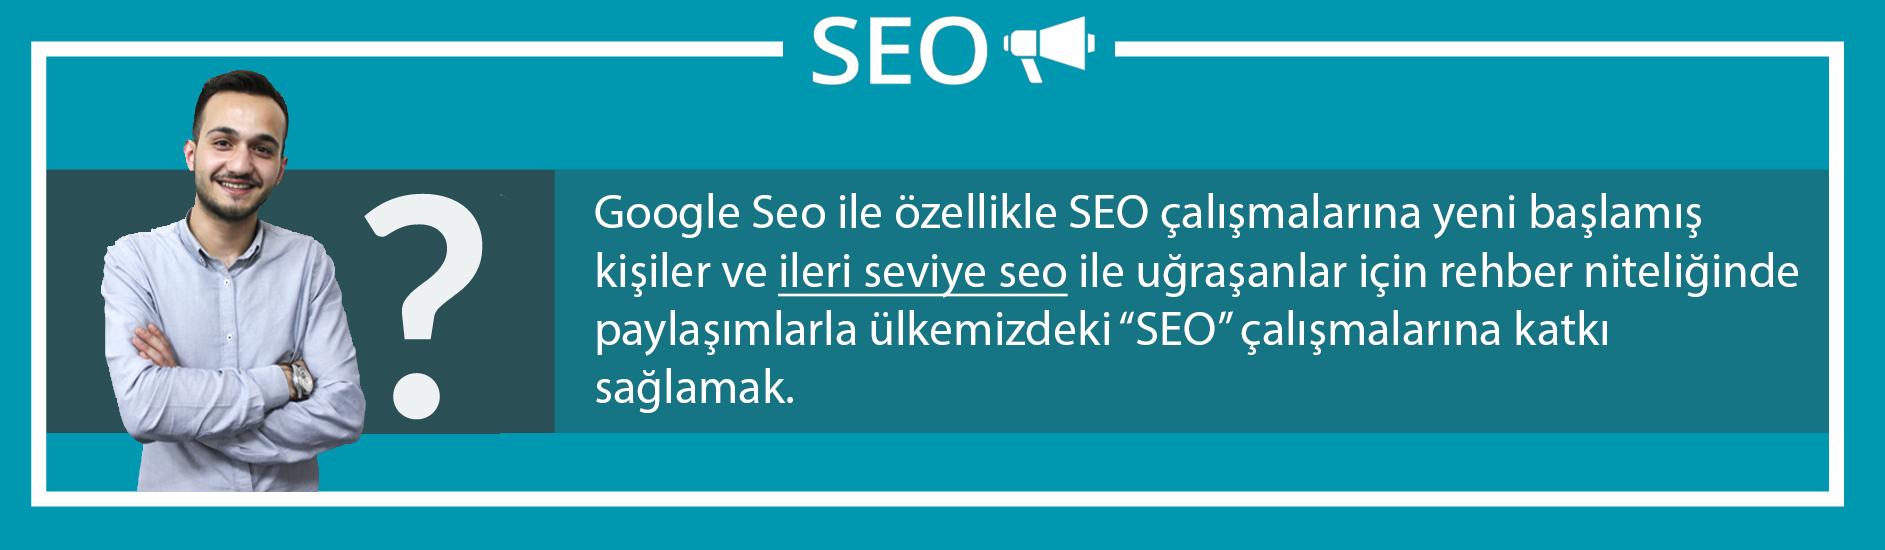 google-seo-teknikleri